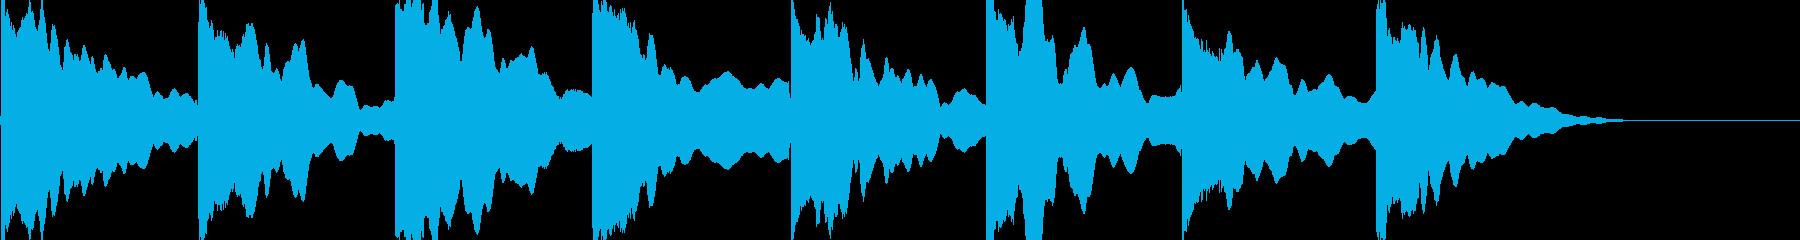 エレキギター クリーン ゆったりの再生済みの波形